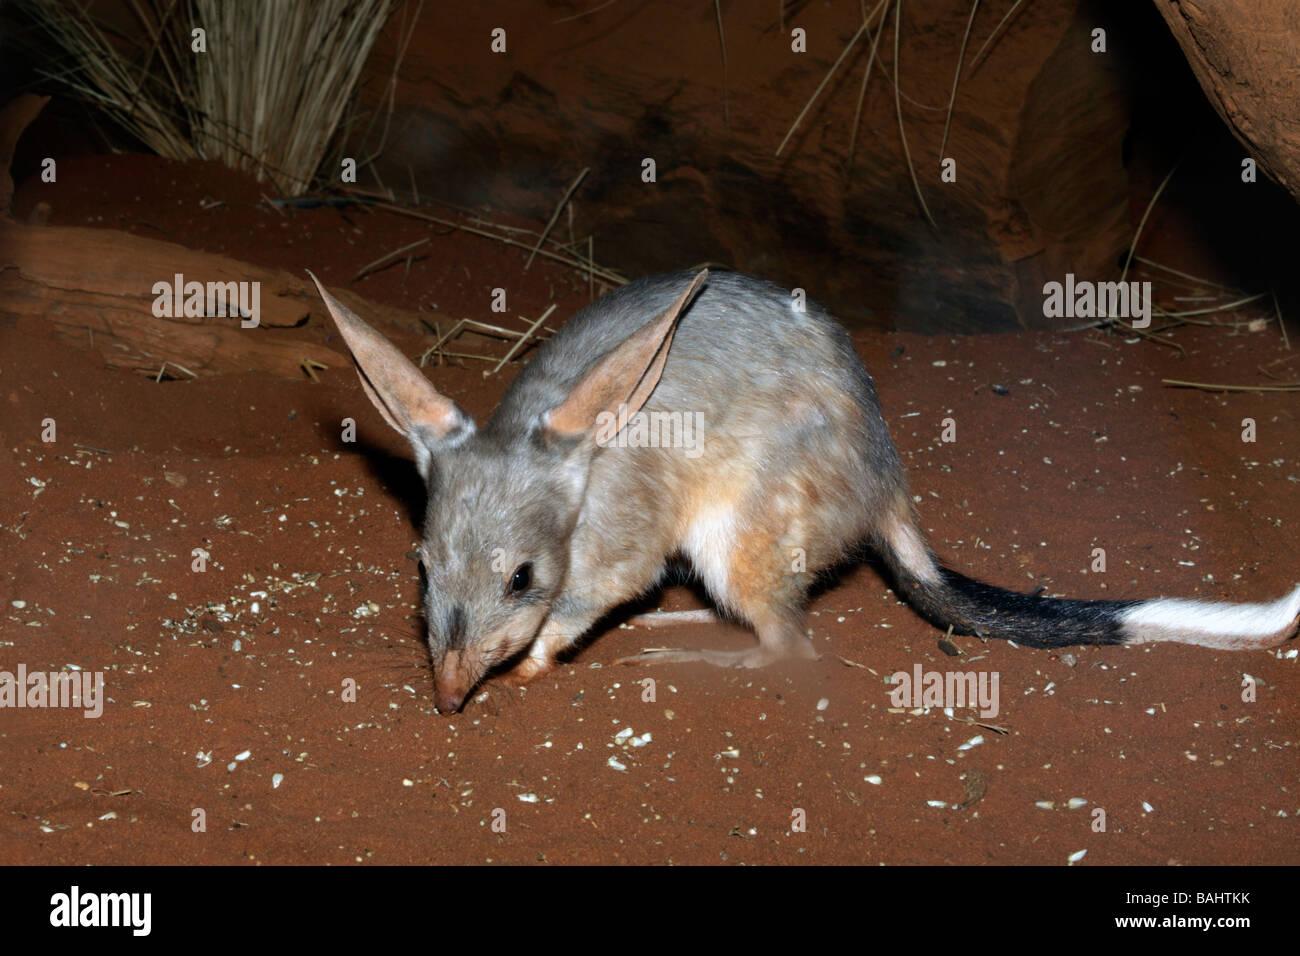 Greater bilby, Macrotis lagotis scavenging at night - Stock Image